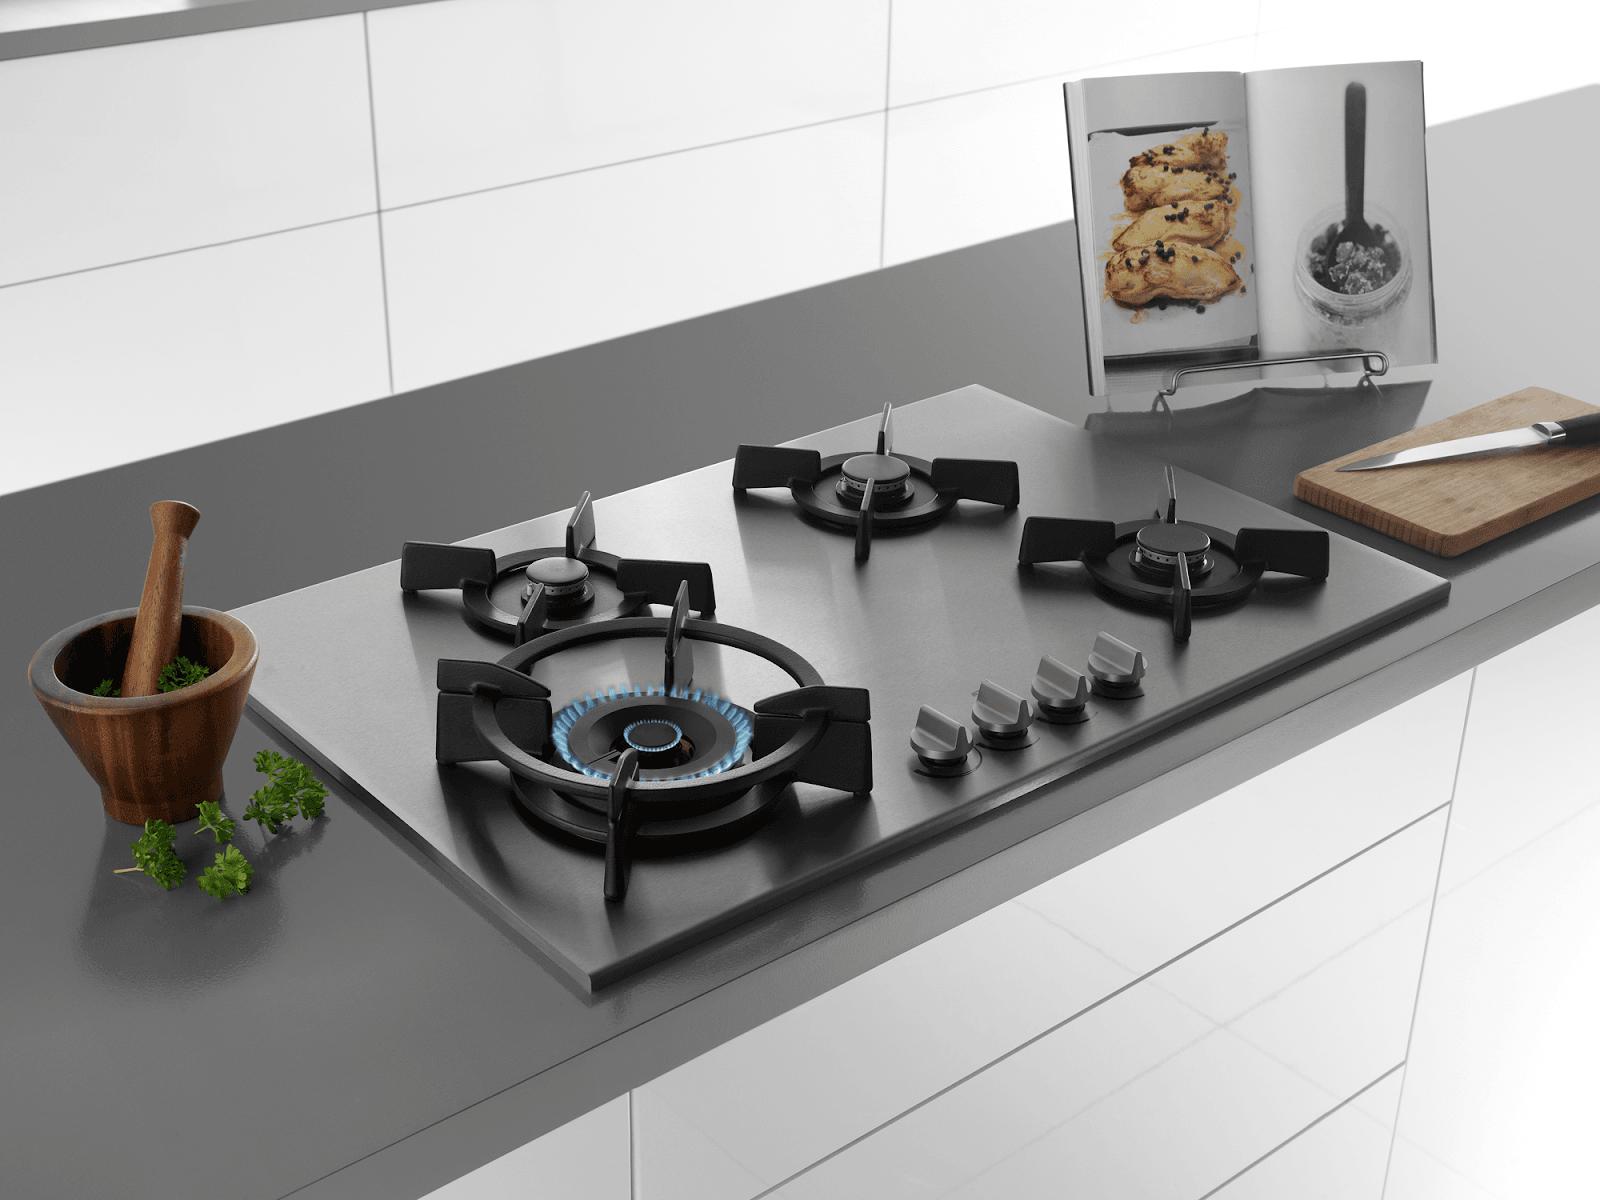 Mẫu bếp ga âm với kiểu dáng sang trọng hiện đại